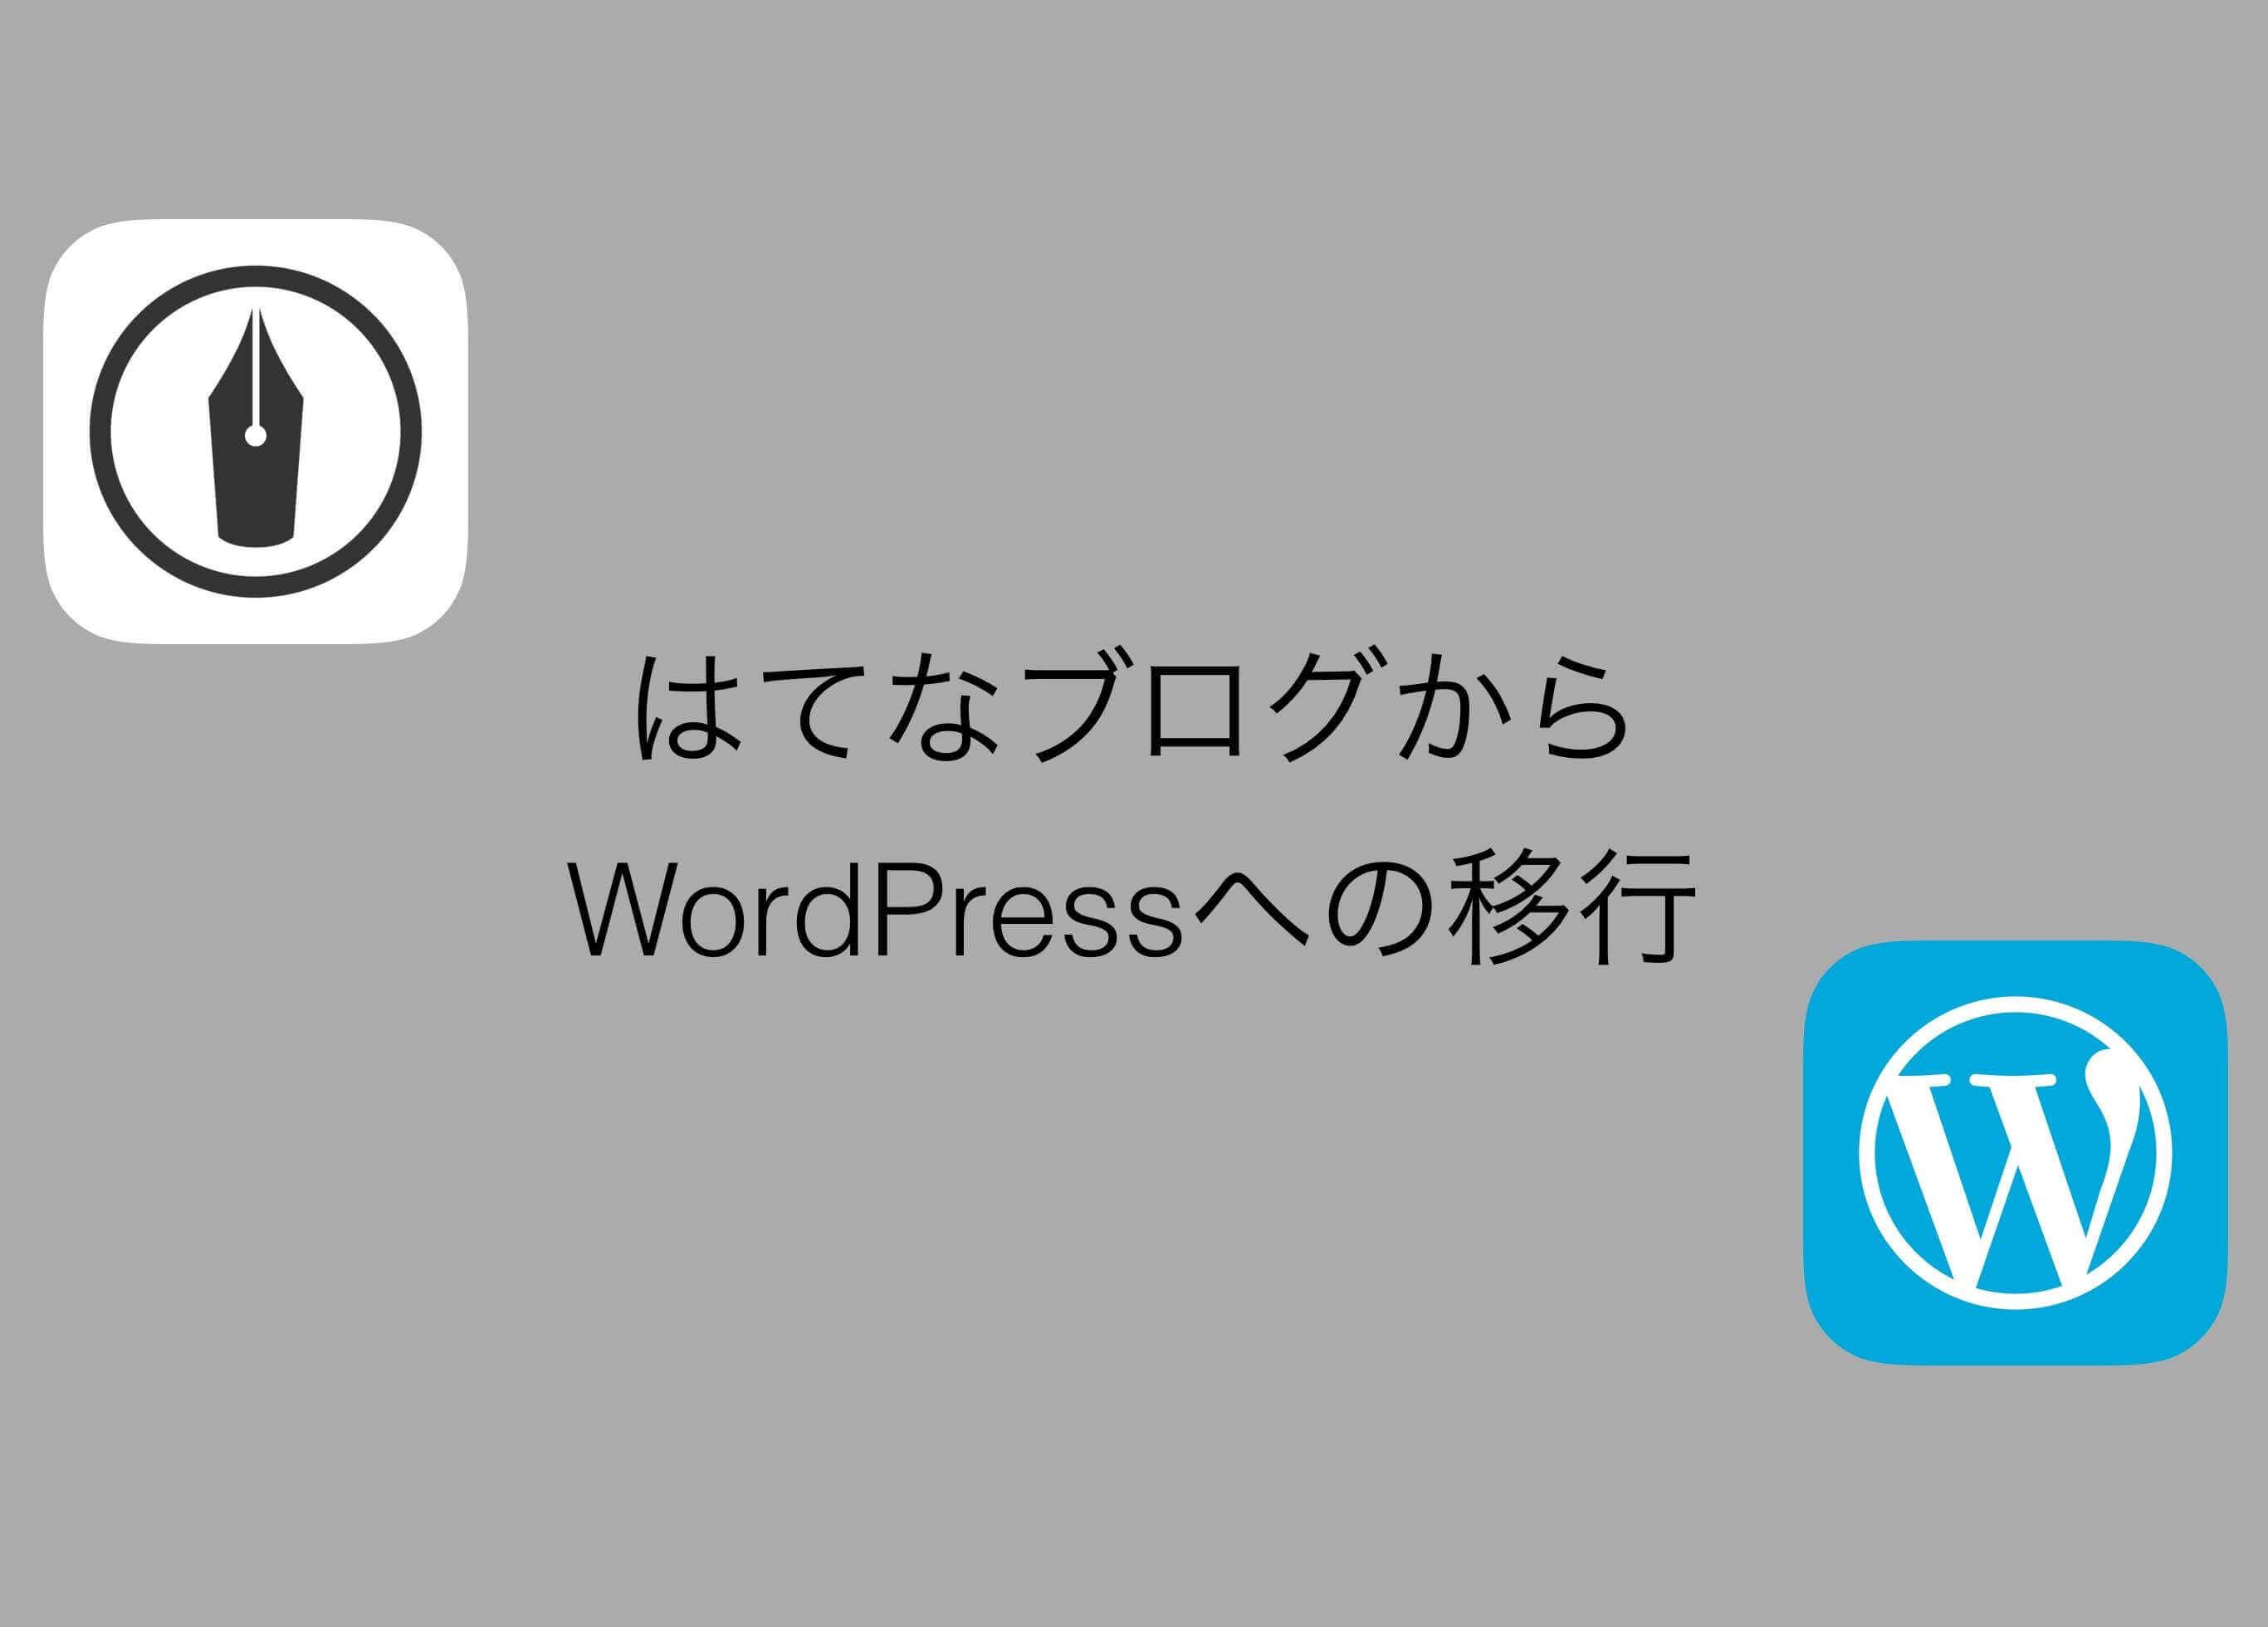 はてなブログからWordPress